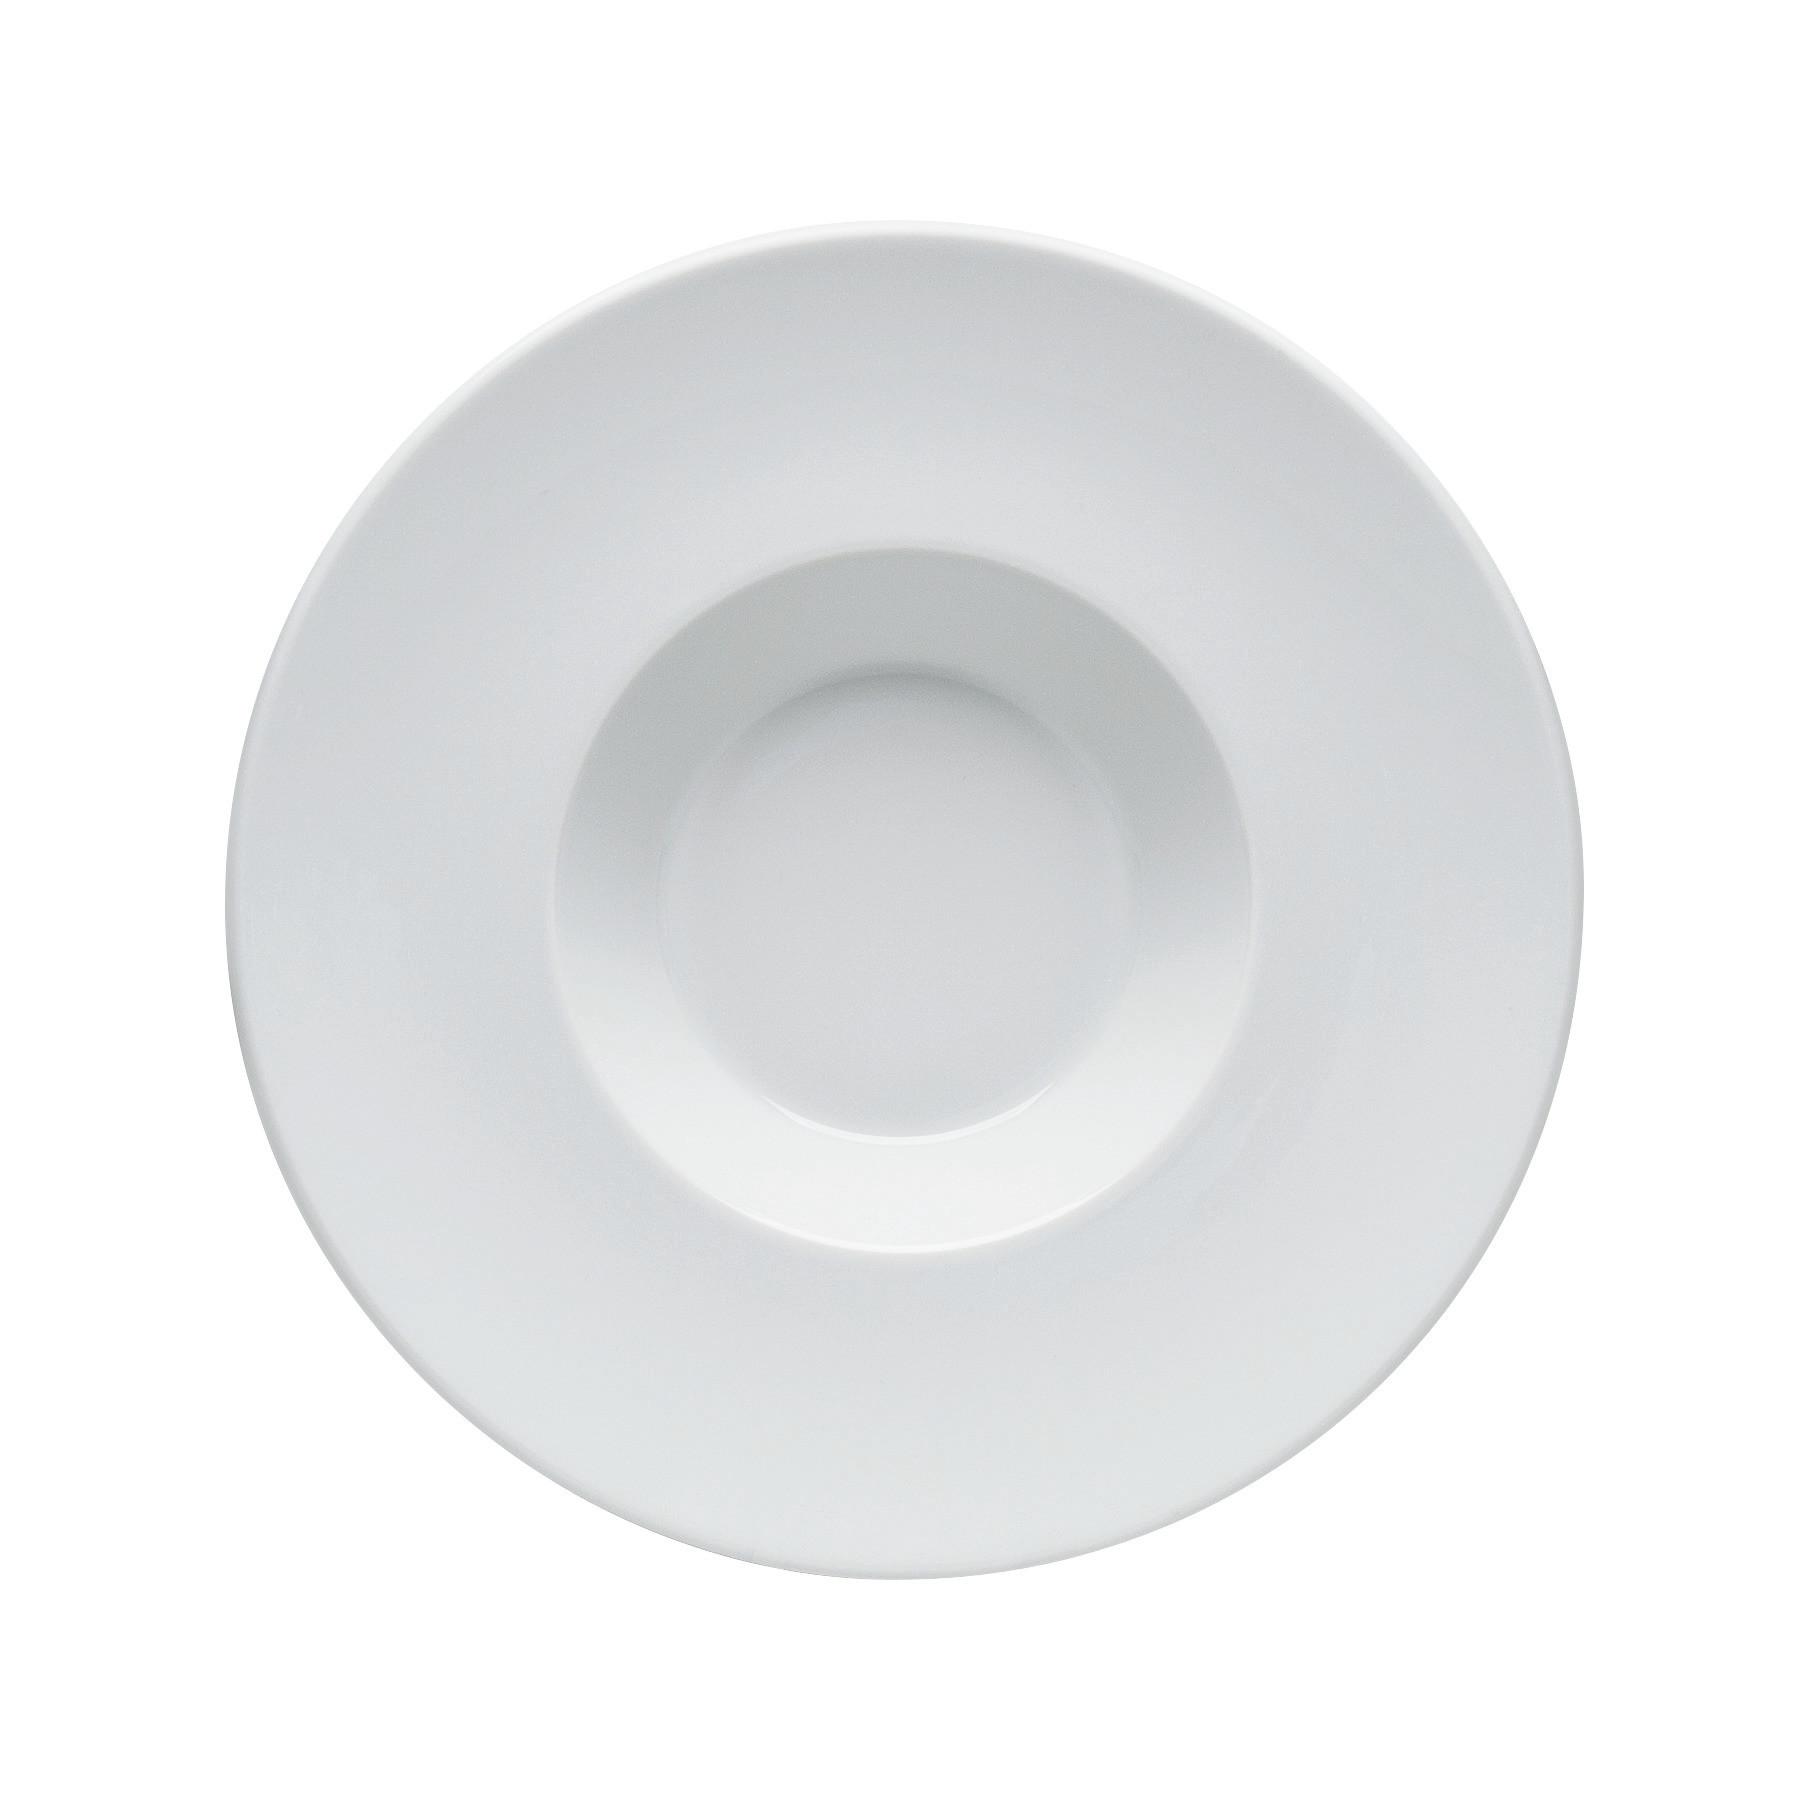 Maitre, Gourmetteller tief ø 277 mm / 0,30 l